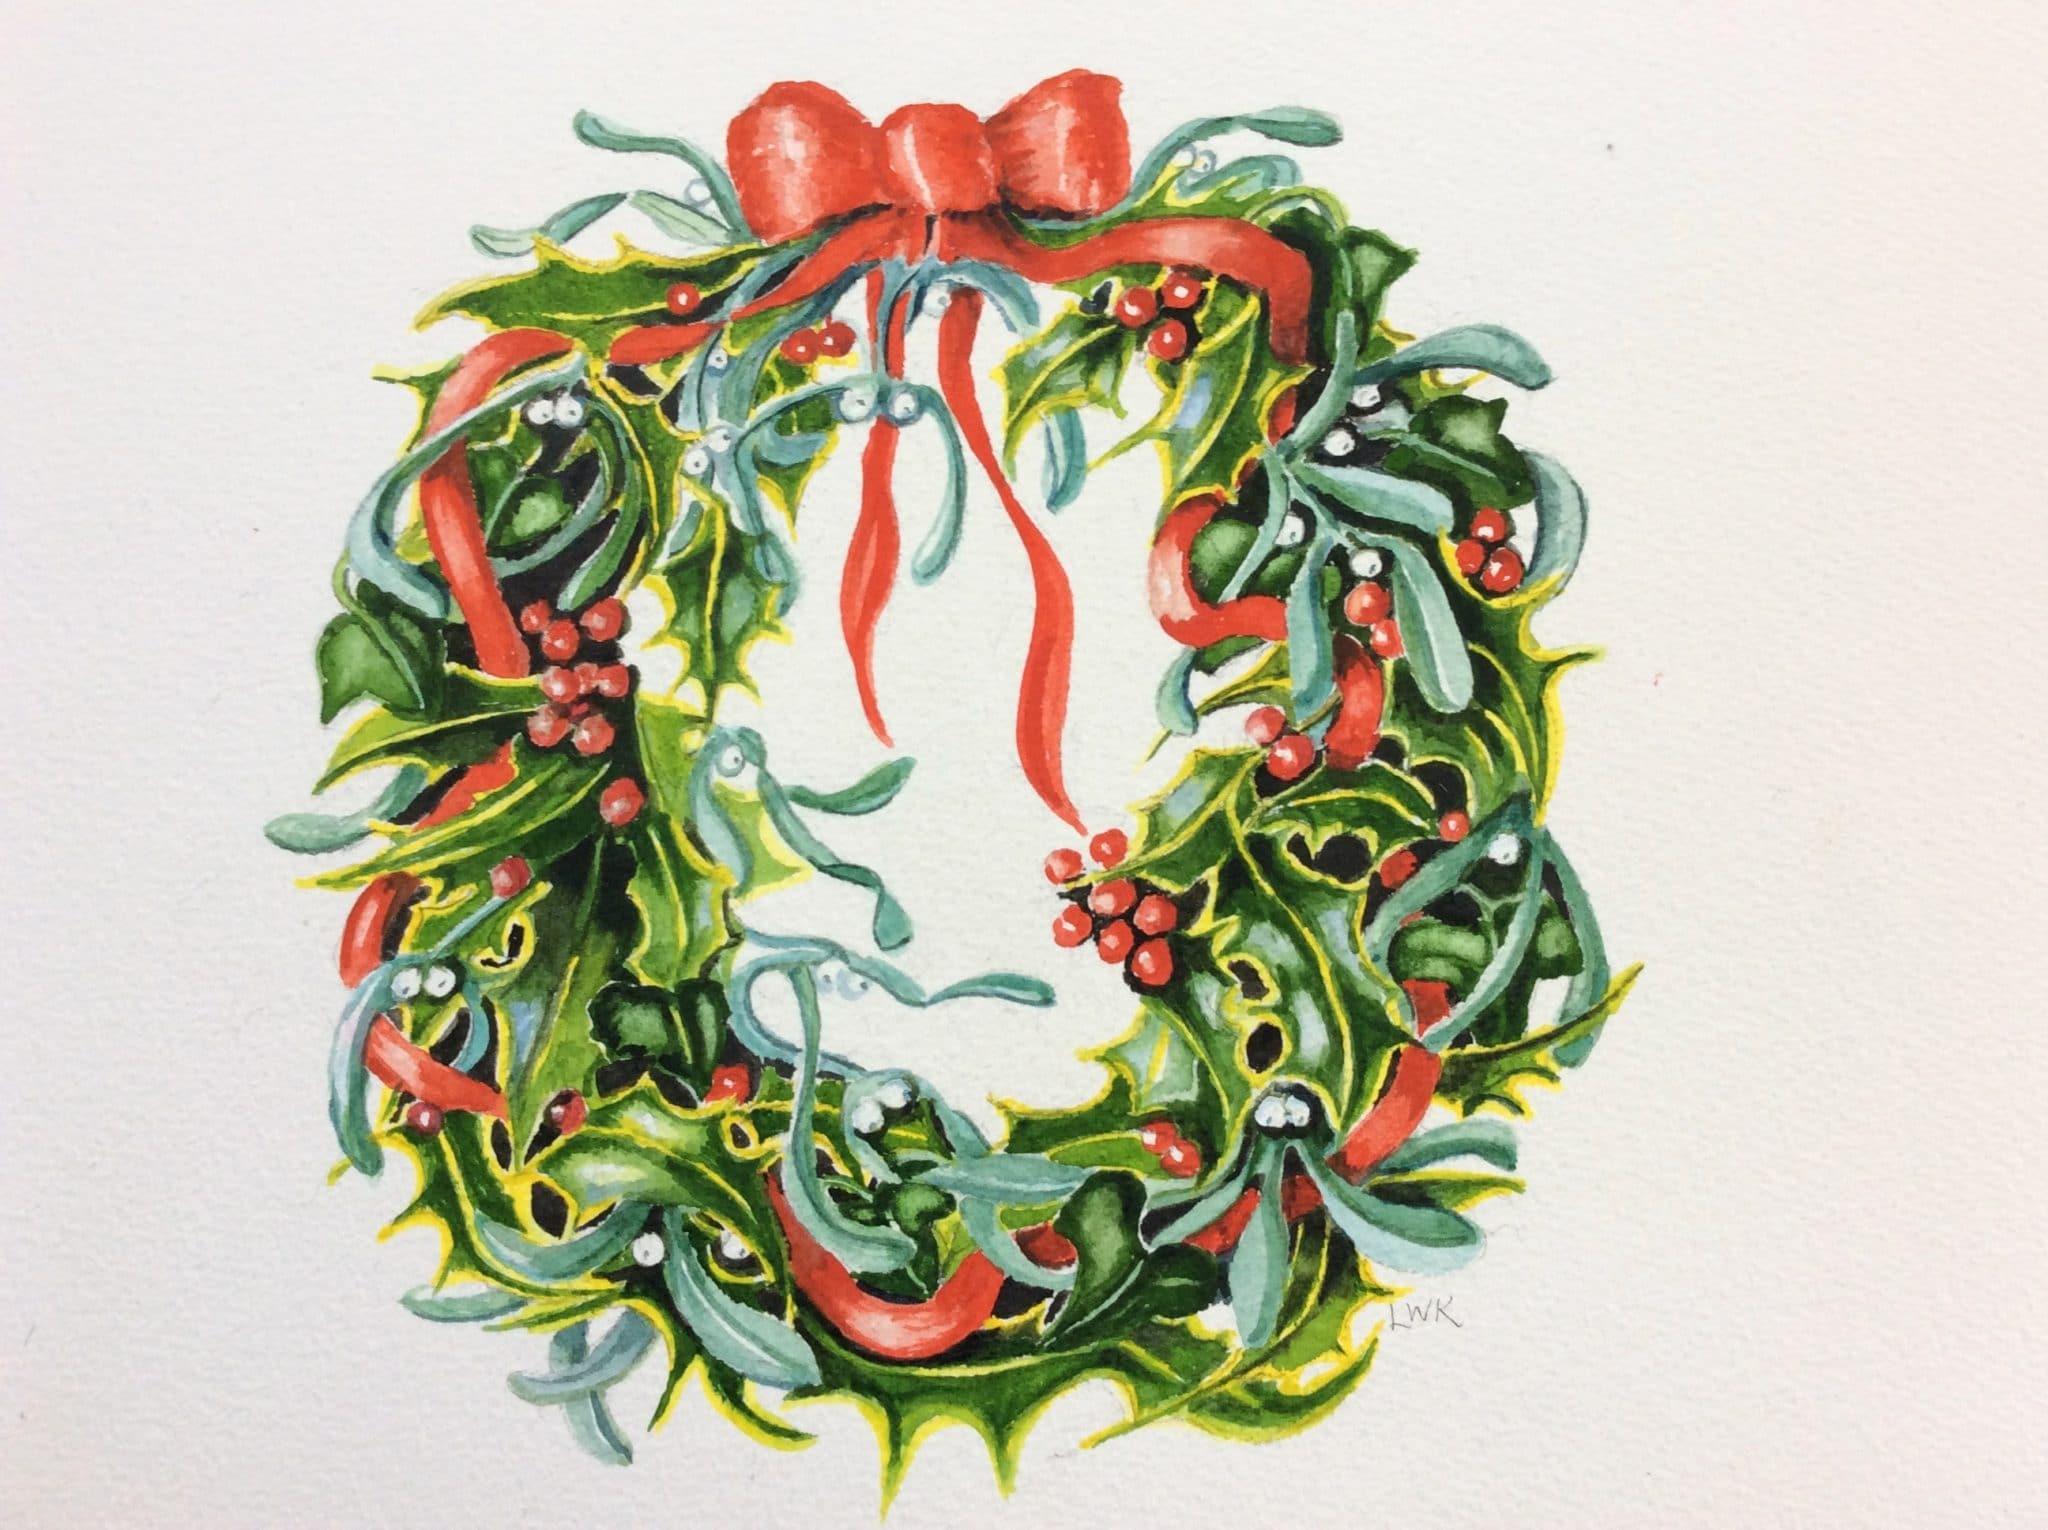 Holly and Mistletoe Wreath